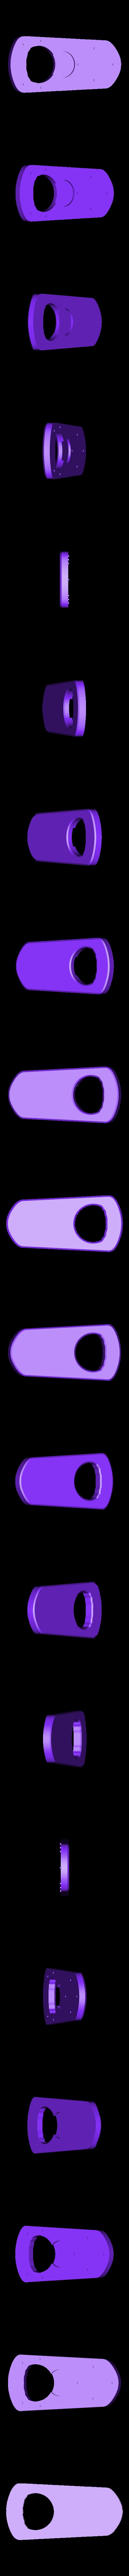 Teil_Unten_Zylinder_verkleinert.stl Télécharger fichier STL gratuit ouvre-bouteille • Modèle à imprimer en 3D, Wailroth3D